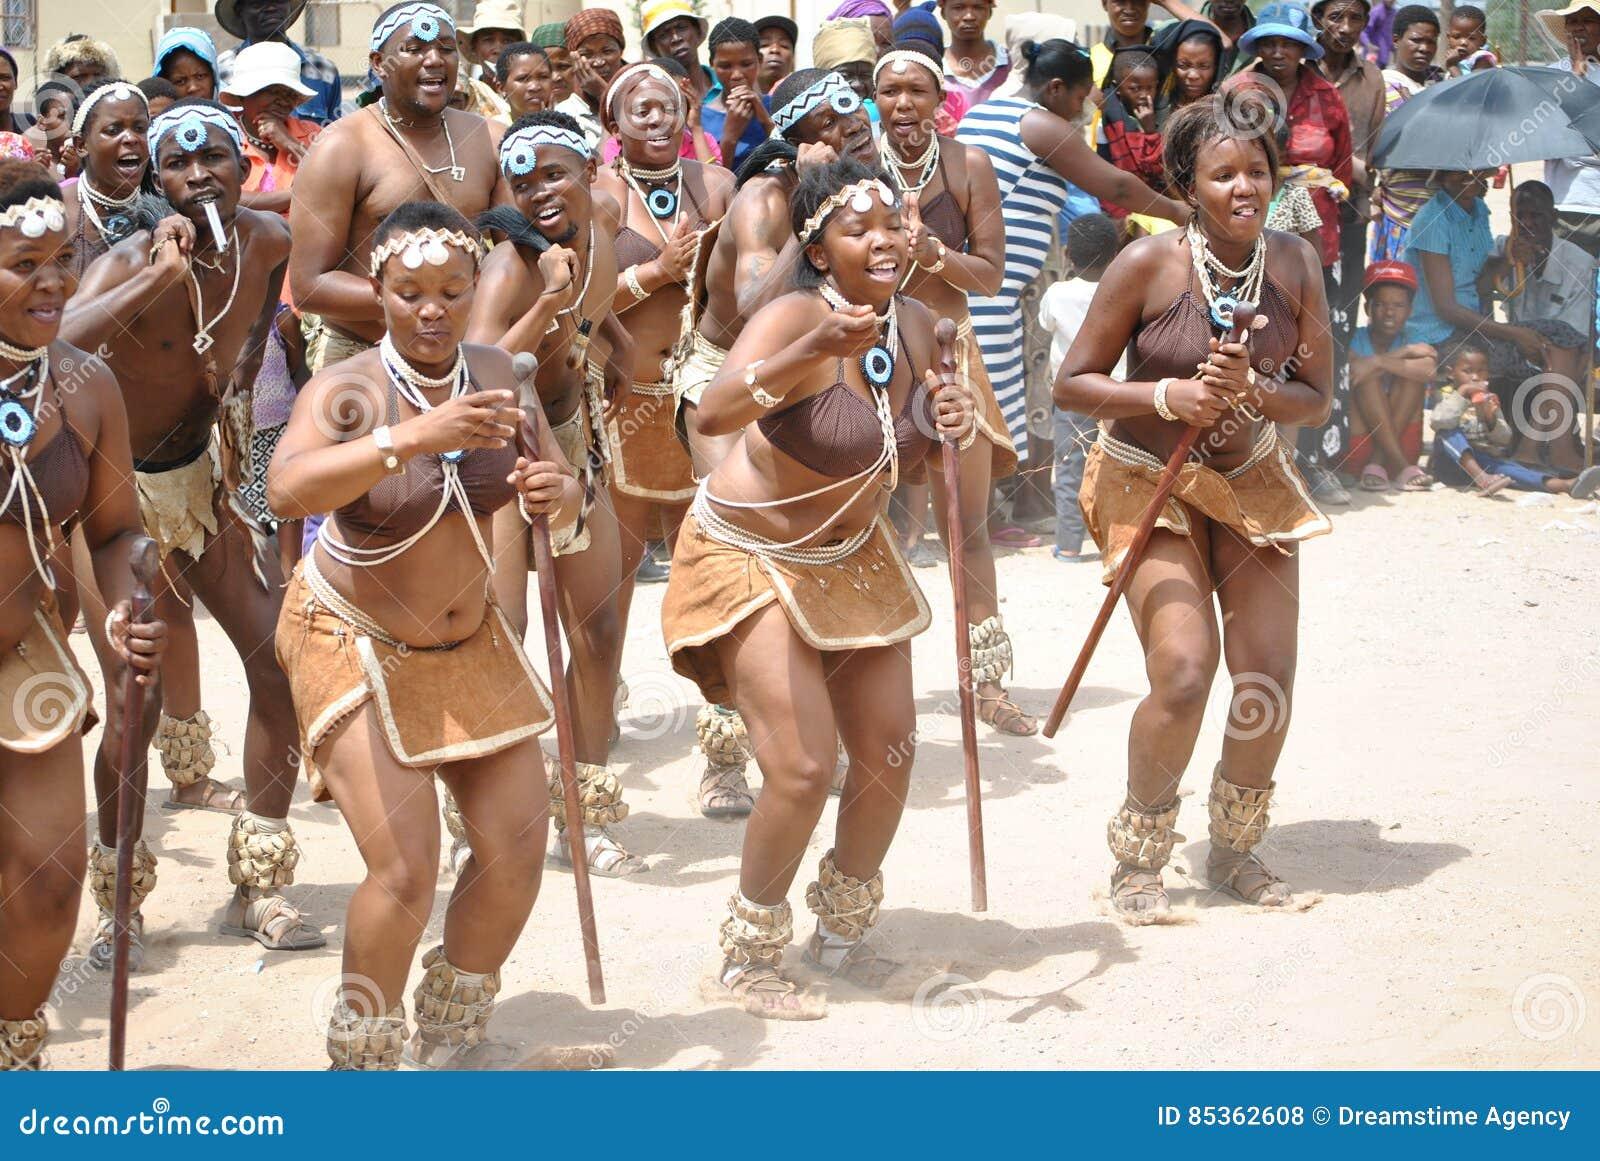 Danseurs africains dans une humeur joyeuse